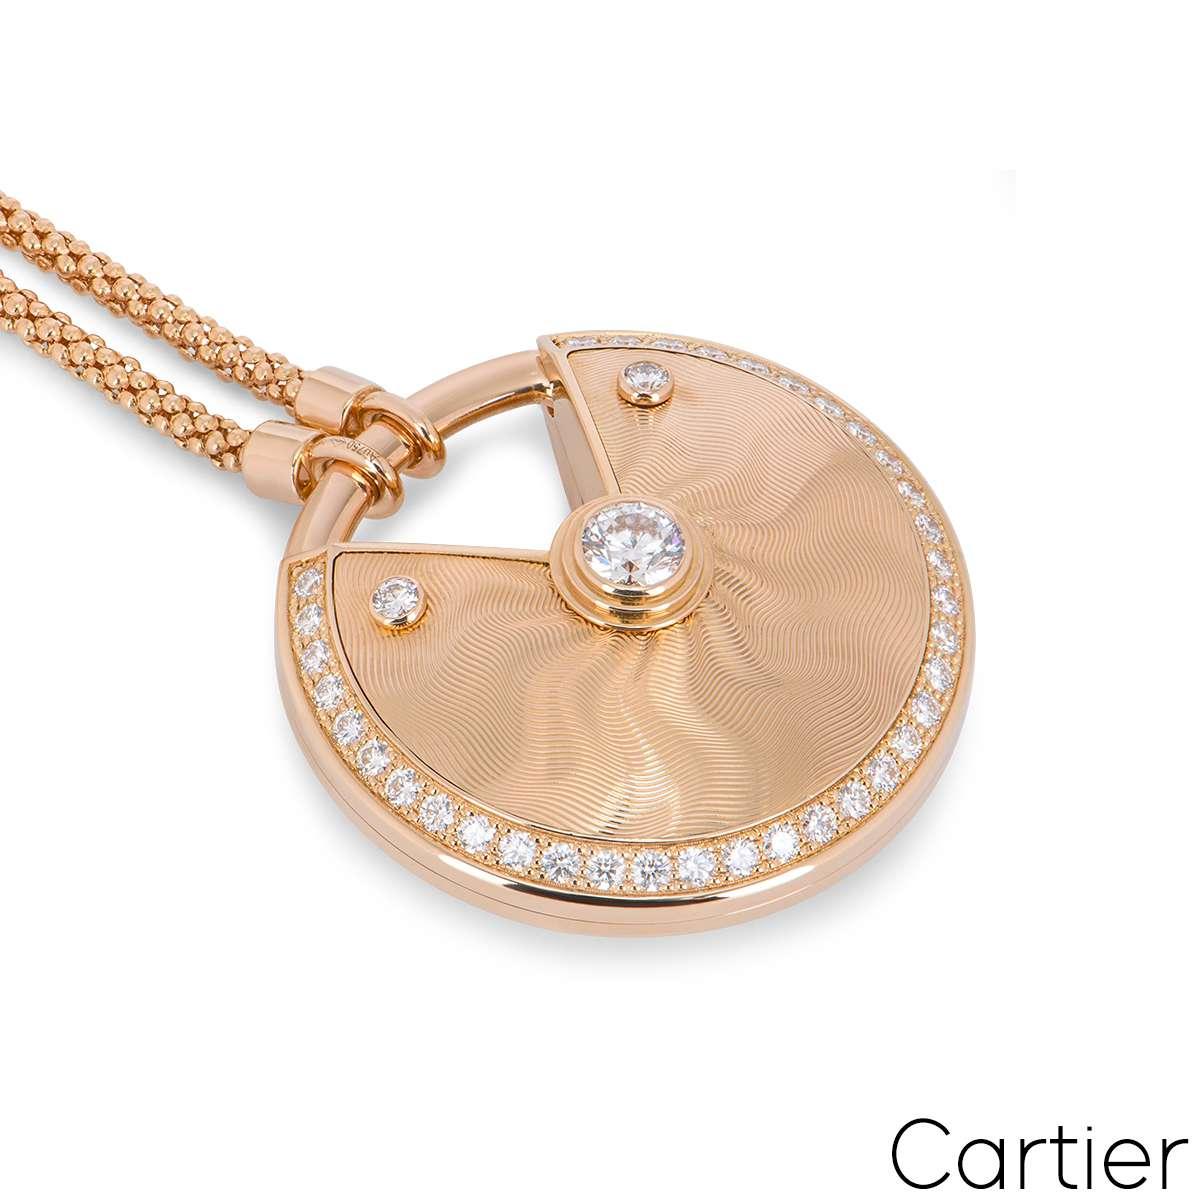 Cartier Rose Gold Guilloche Amulette De Cartier Necklace